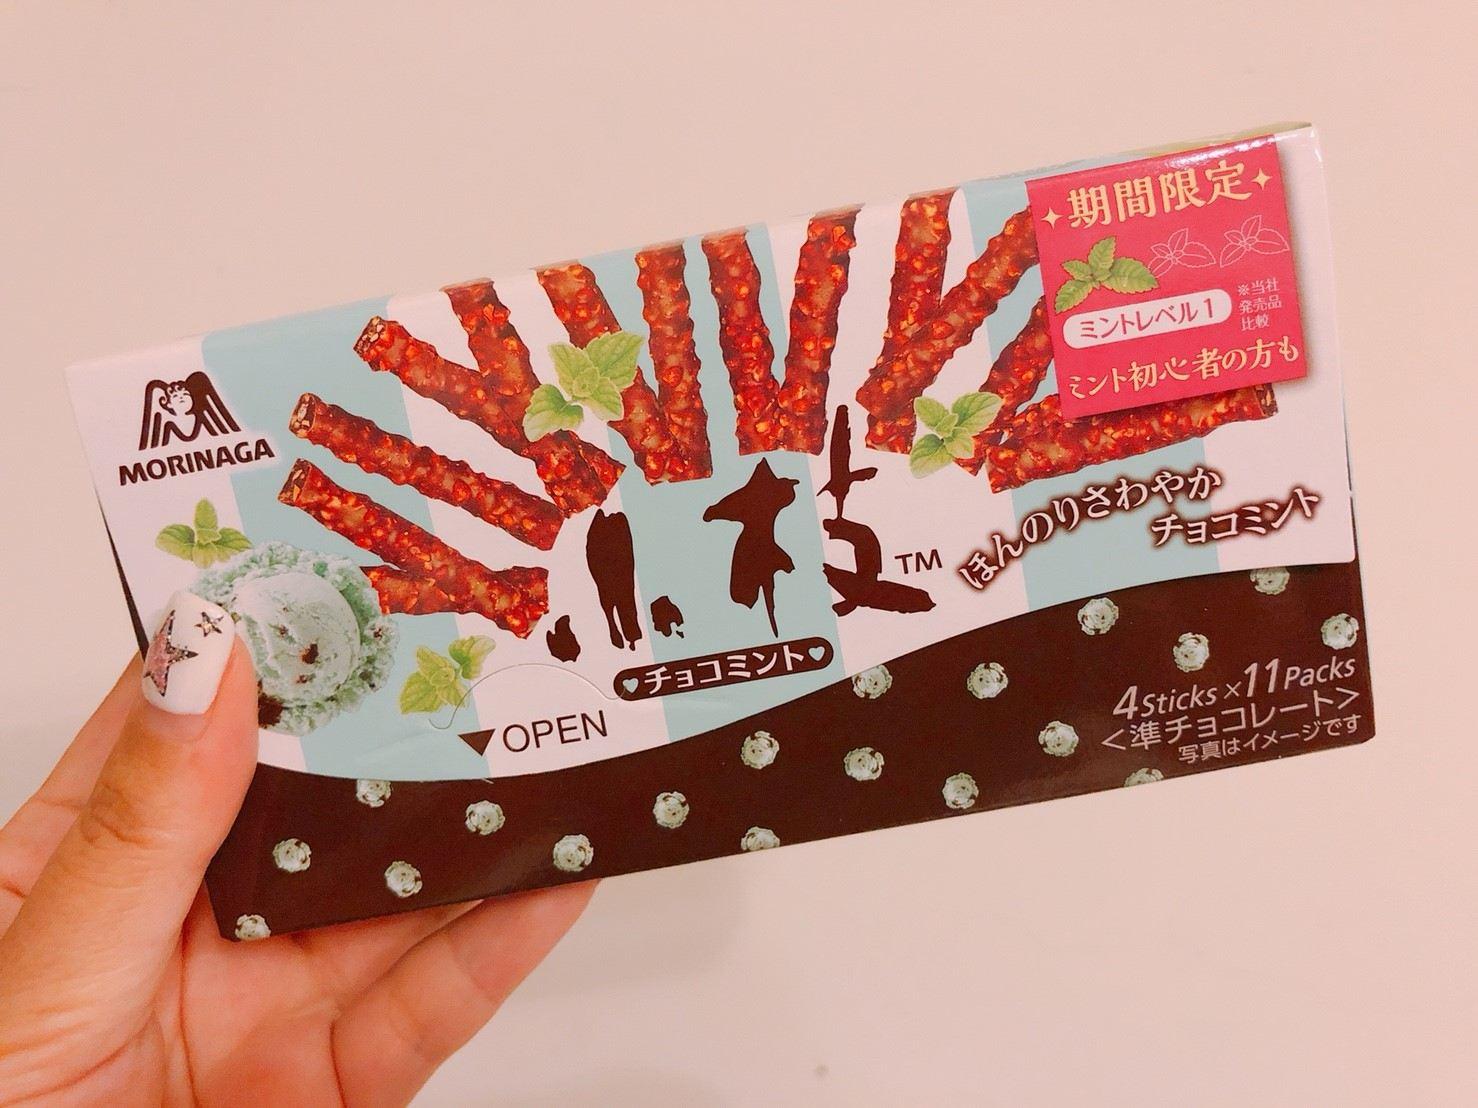 口感脆脆、小小一包攜帶方便的森永小枝系列,吃貨應該都不陌生吧〜。好吃的小枝巧克力也推出薄荷巧克力搶搭風潮,薄荷味並不嗆辣,就算是平常不敢吃薄荷的小朋友也可以接受唷!